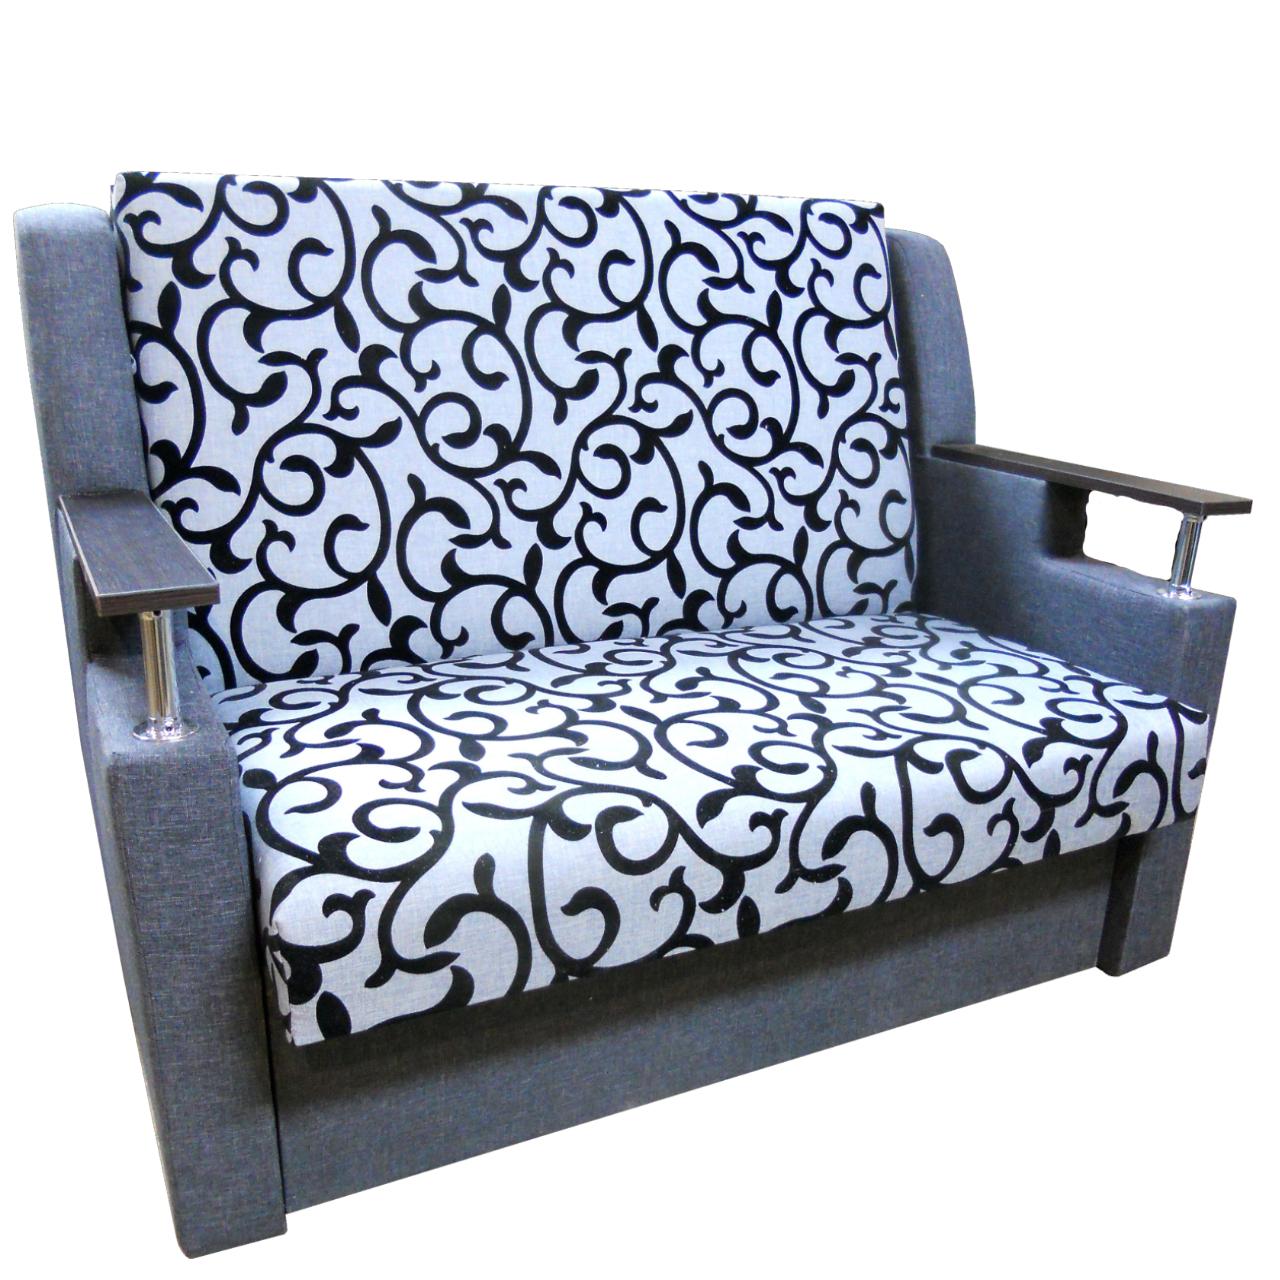 Диван Березня 110см (Вензель сірий диван - ліжко). Дитячий диван з нішею для білизни